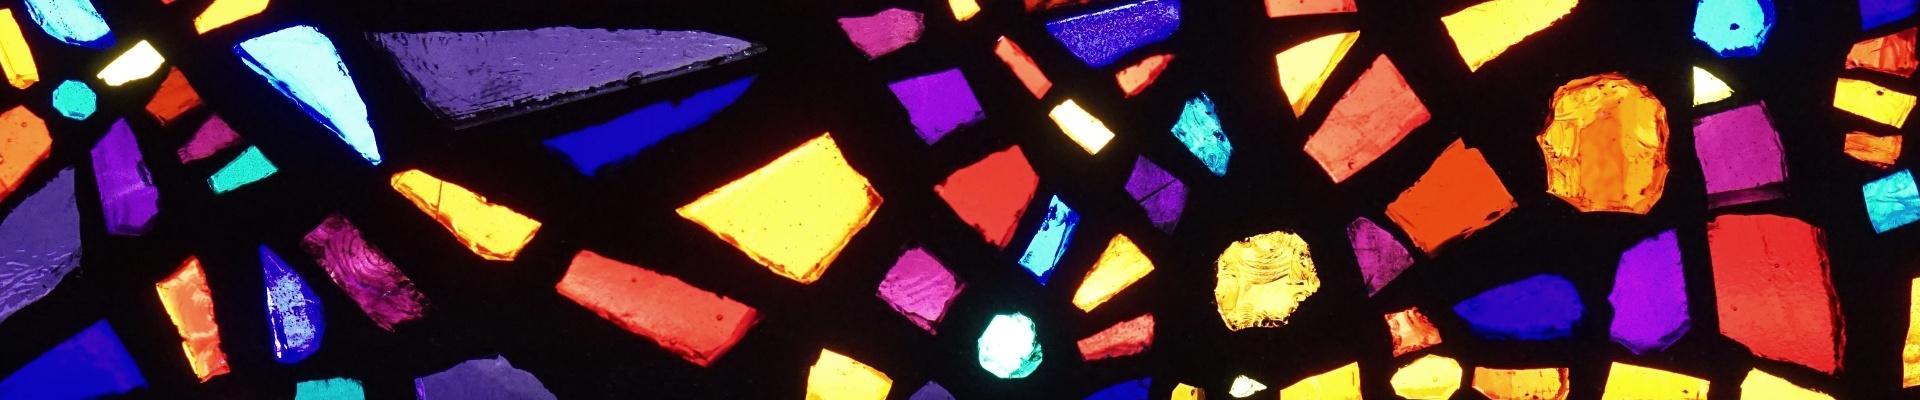 Fenster in der Kapelle St.Canisius in Köln